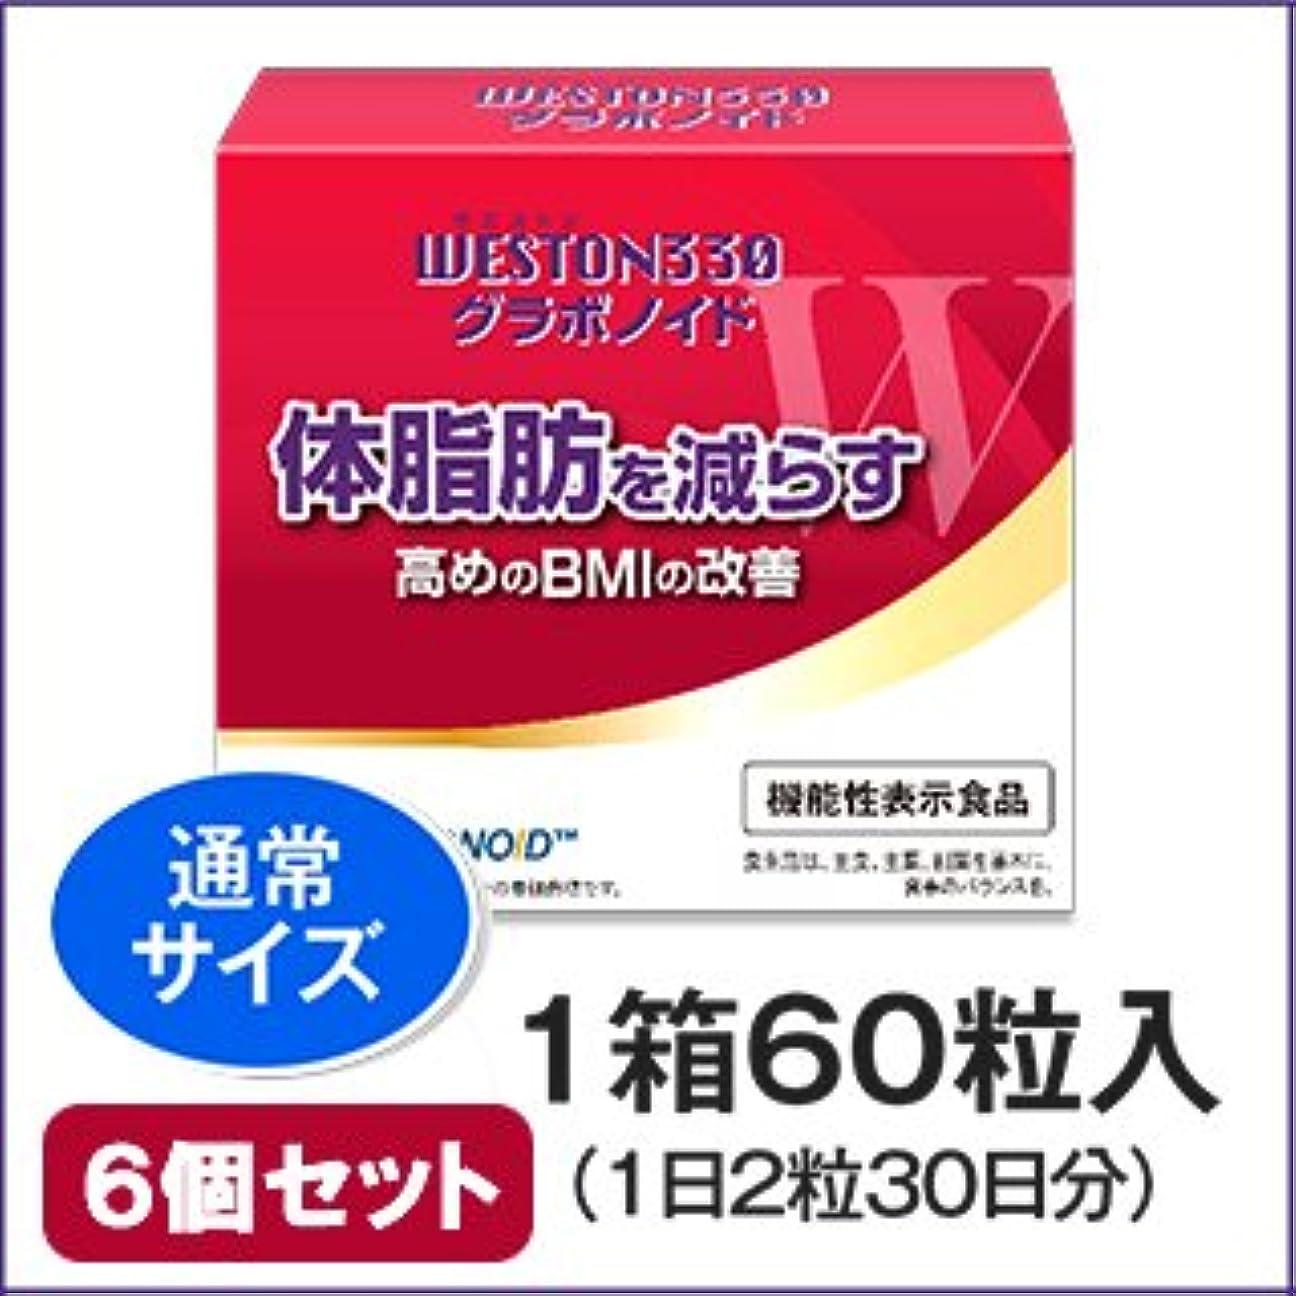 覗く蒸気ずるいウエストン330グラボノイド(30日分 1箱60粒入り)×6個セット